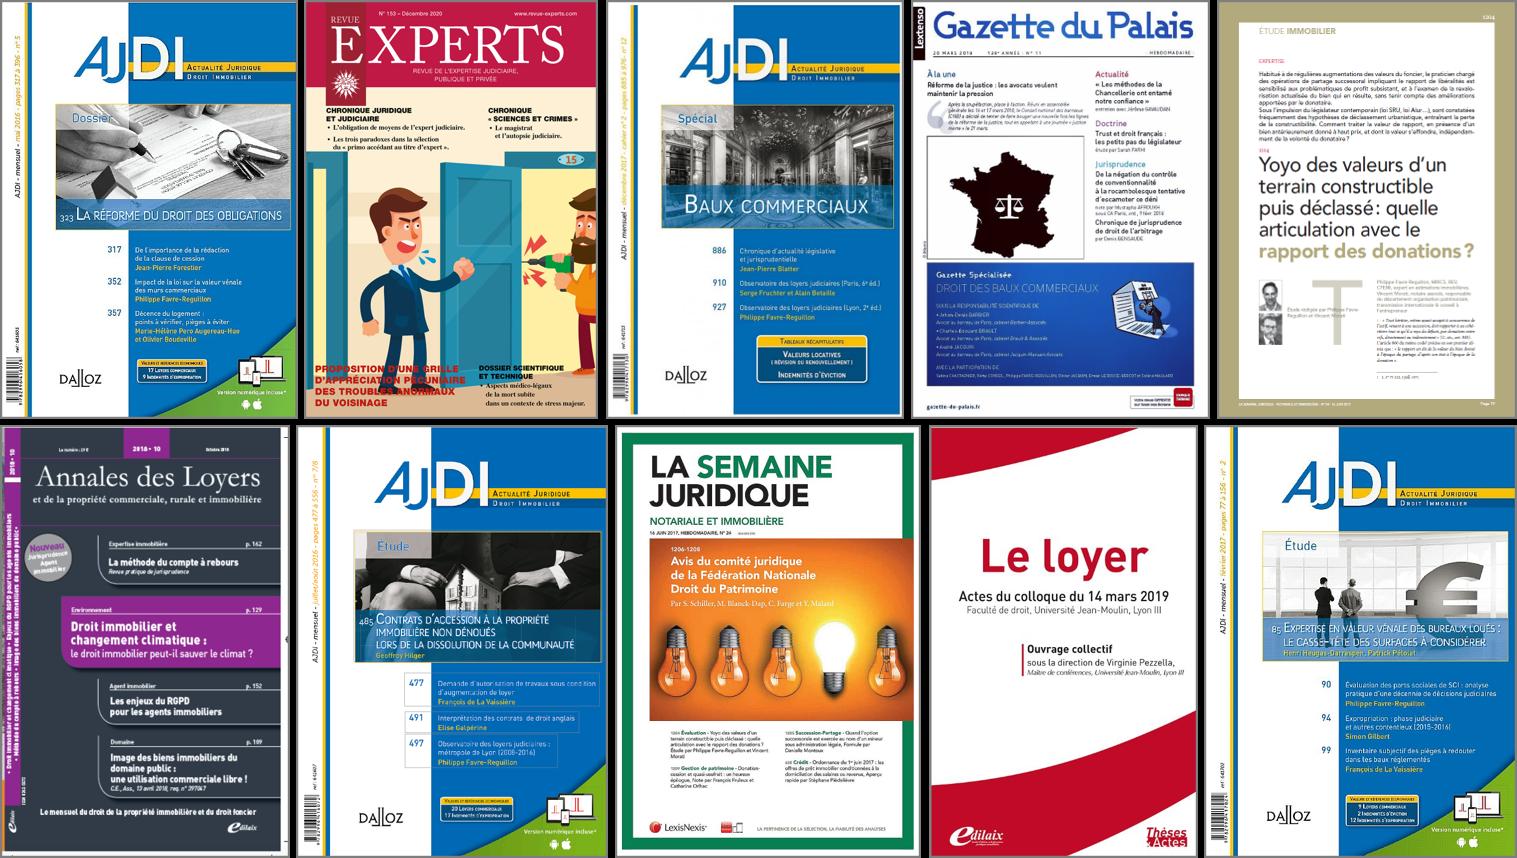 LES-PUBLICATIONS-DU-CABINET-IFC-EXPERTISE-FAVRE-REGUILLON-EXPERT-LYON-ANNECY-PARIS